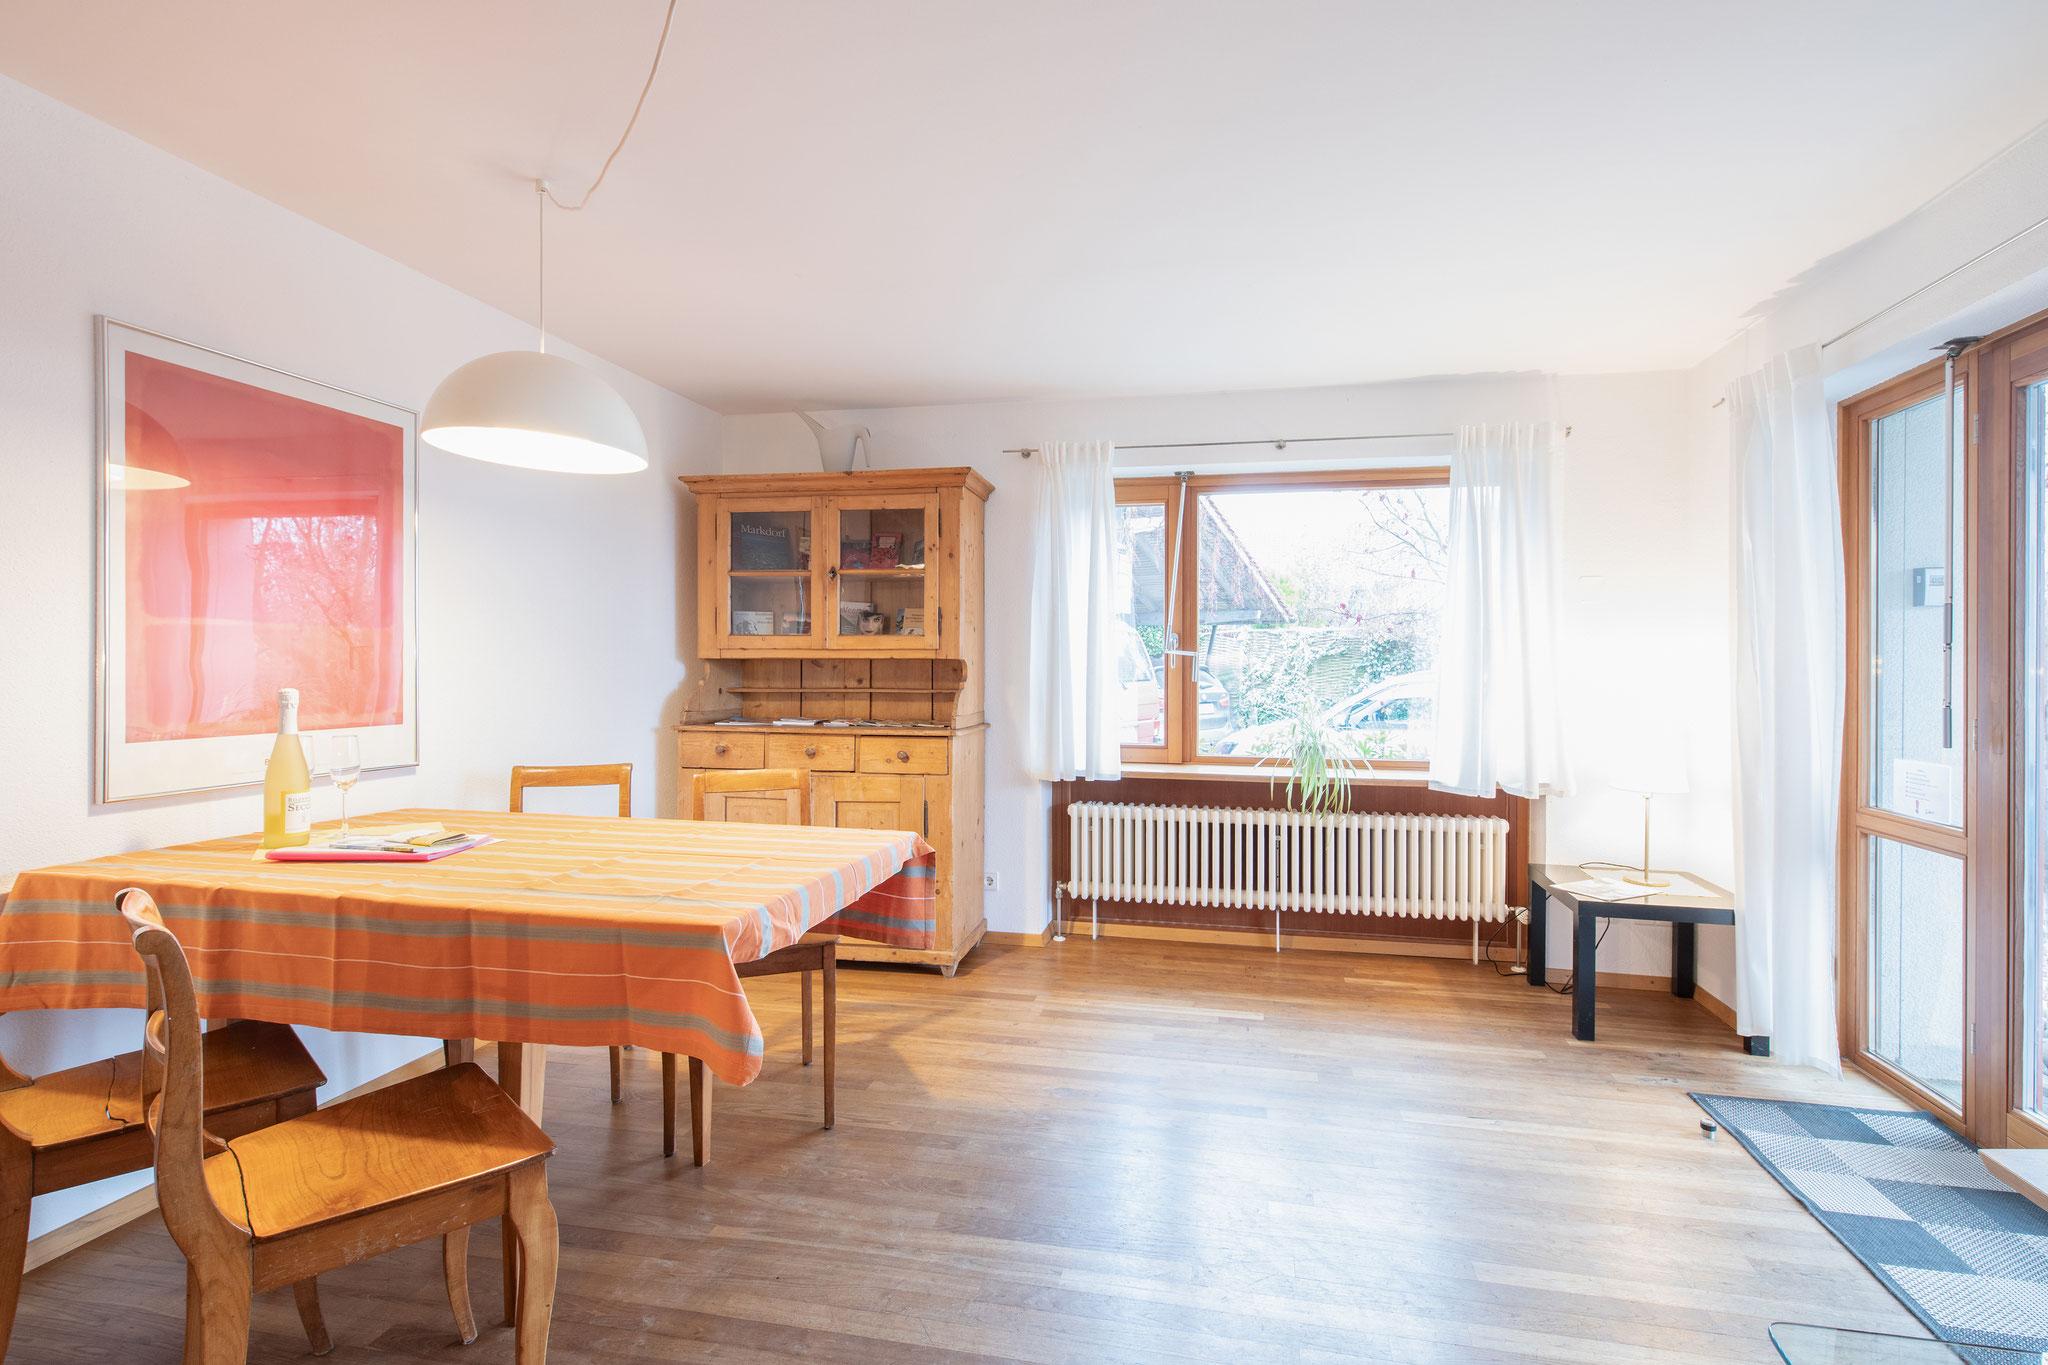 Ferienwohnung am Bodensee: Schillerstraße - Essbereich